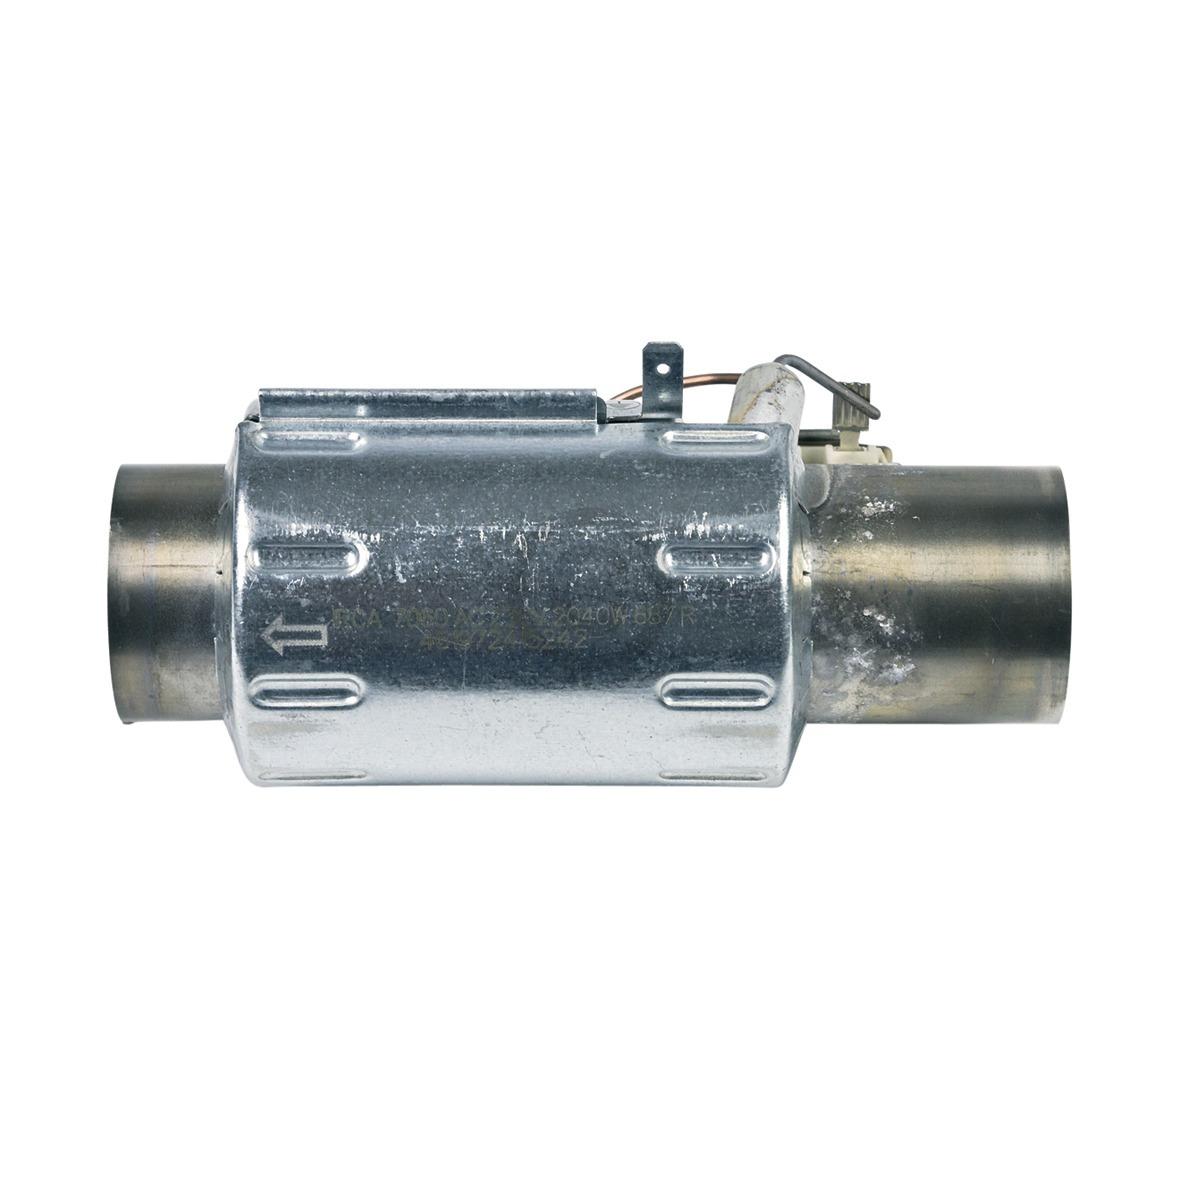 Heizelement Whirlpool 484000000610 2040W DE-System für Geschirrspüler C00311176